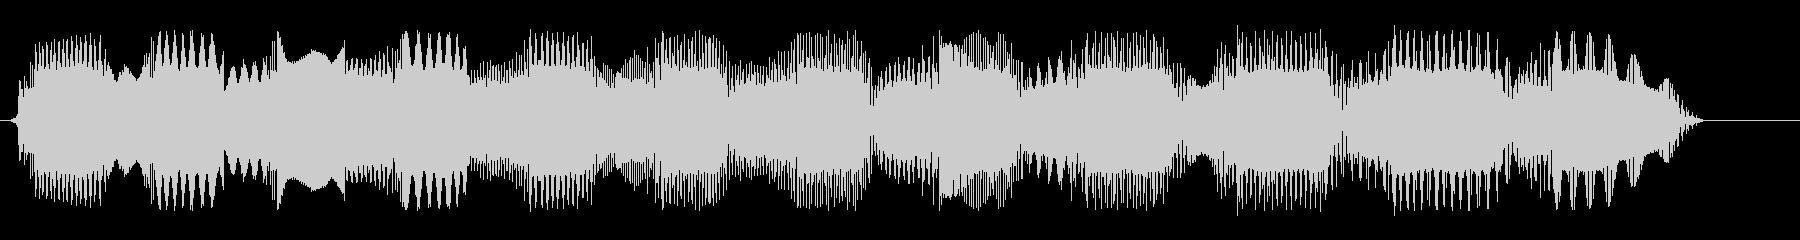 ピロロロロ、という怪しげな電子音の未再生の波形